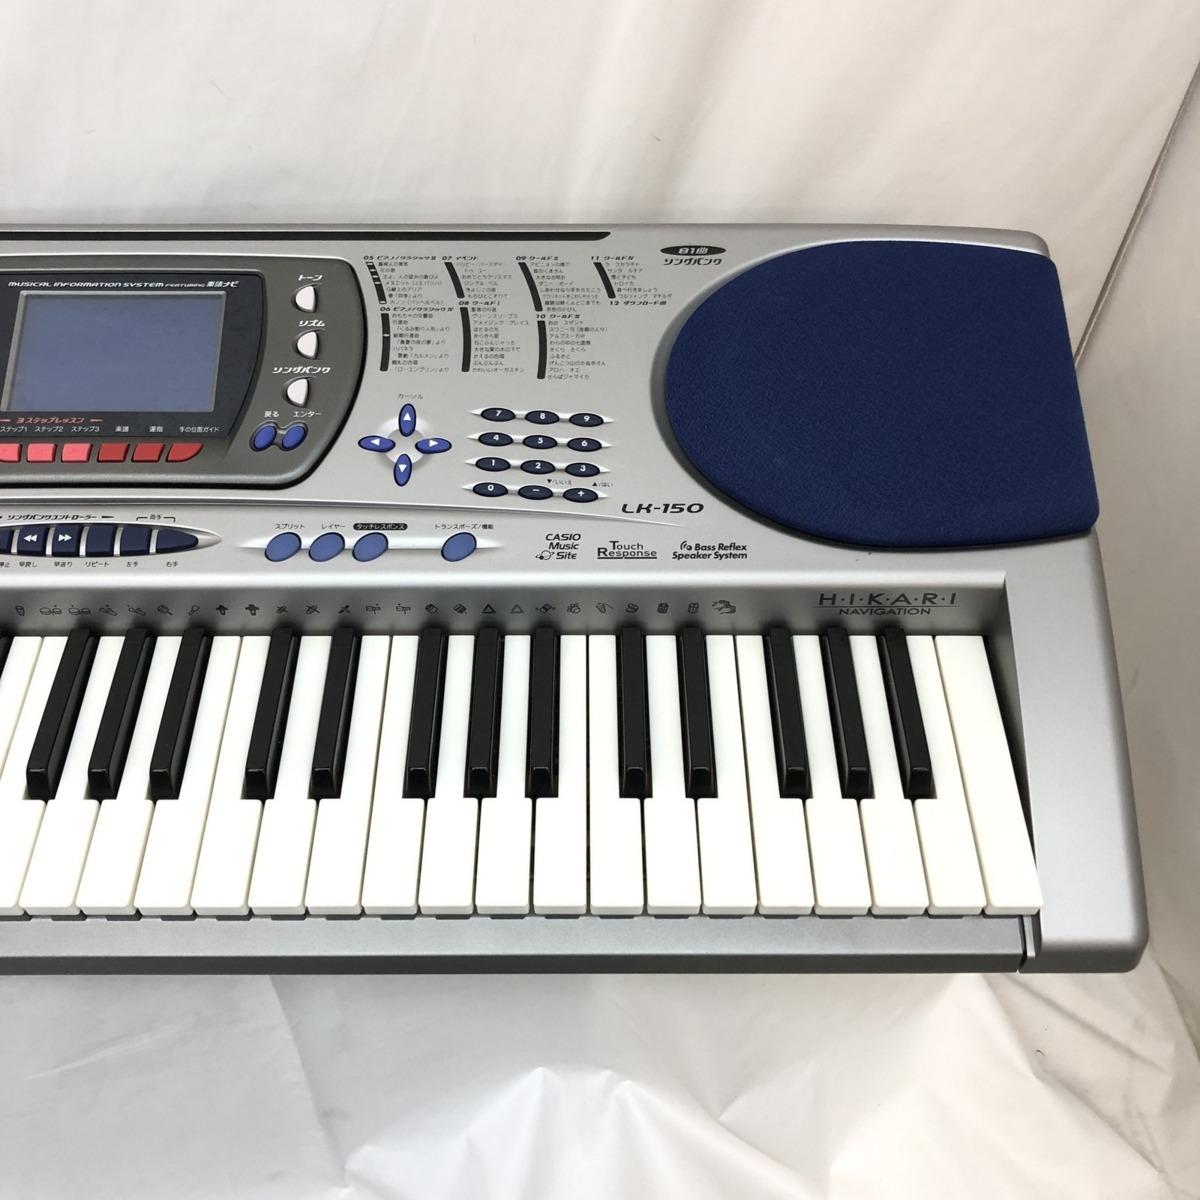 CASIO カシオ 電子キーボード LK-150 光ナビゲーション 61鍵盤 シルバー ブルー 電子ピアノ 鍵盤楽器 アダプター付き H15211_画像5